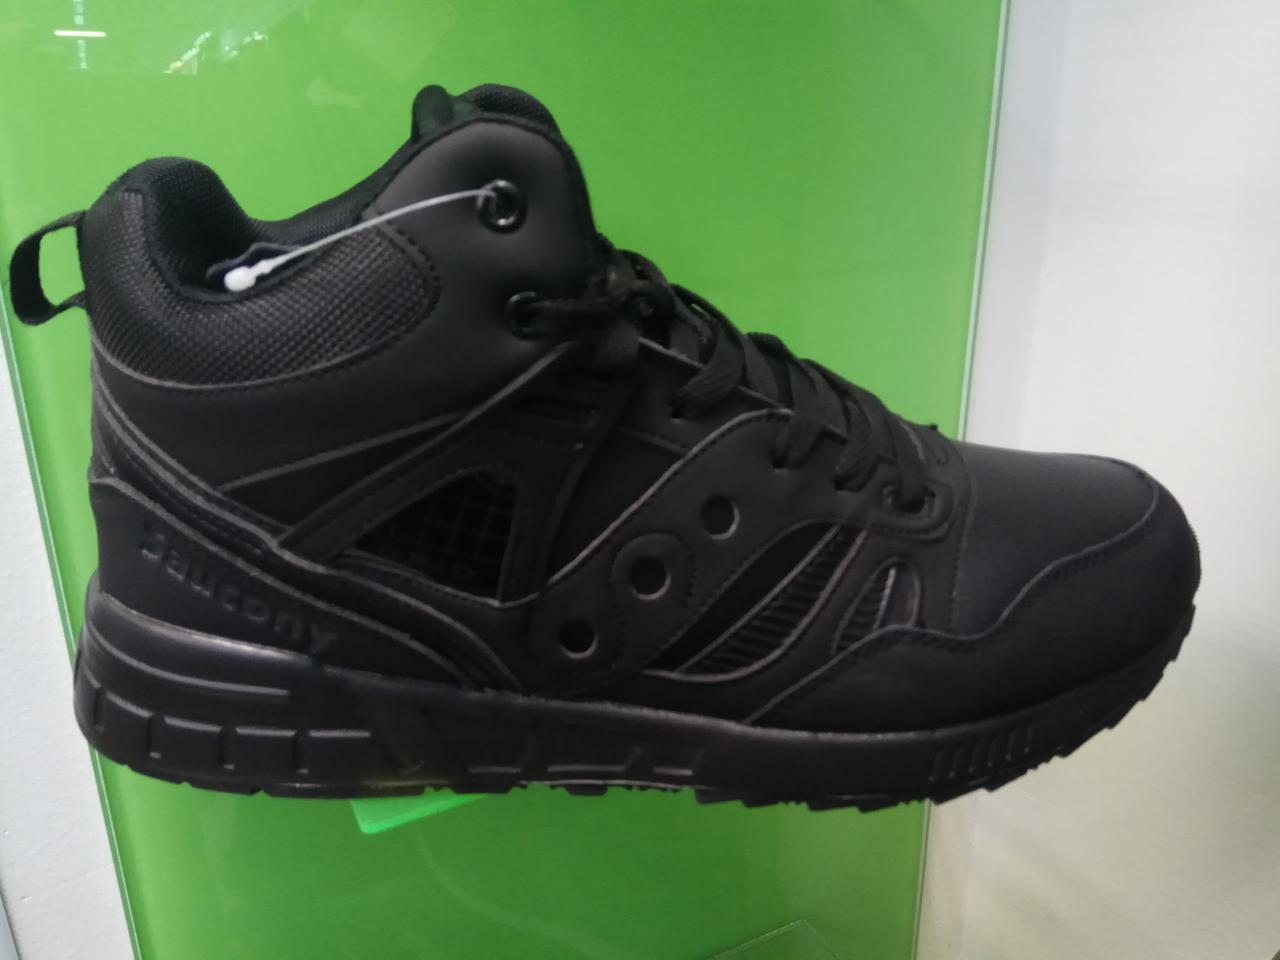 Зимние мужские кроссовки Saucony Grid Winter черные  продажа, цена в ... c4ef3ac0b6b